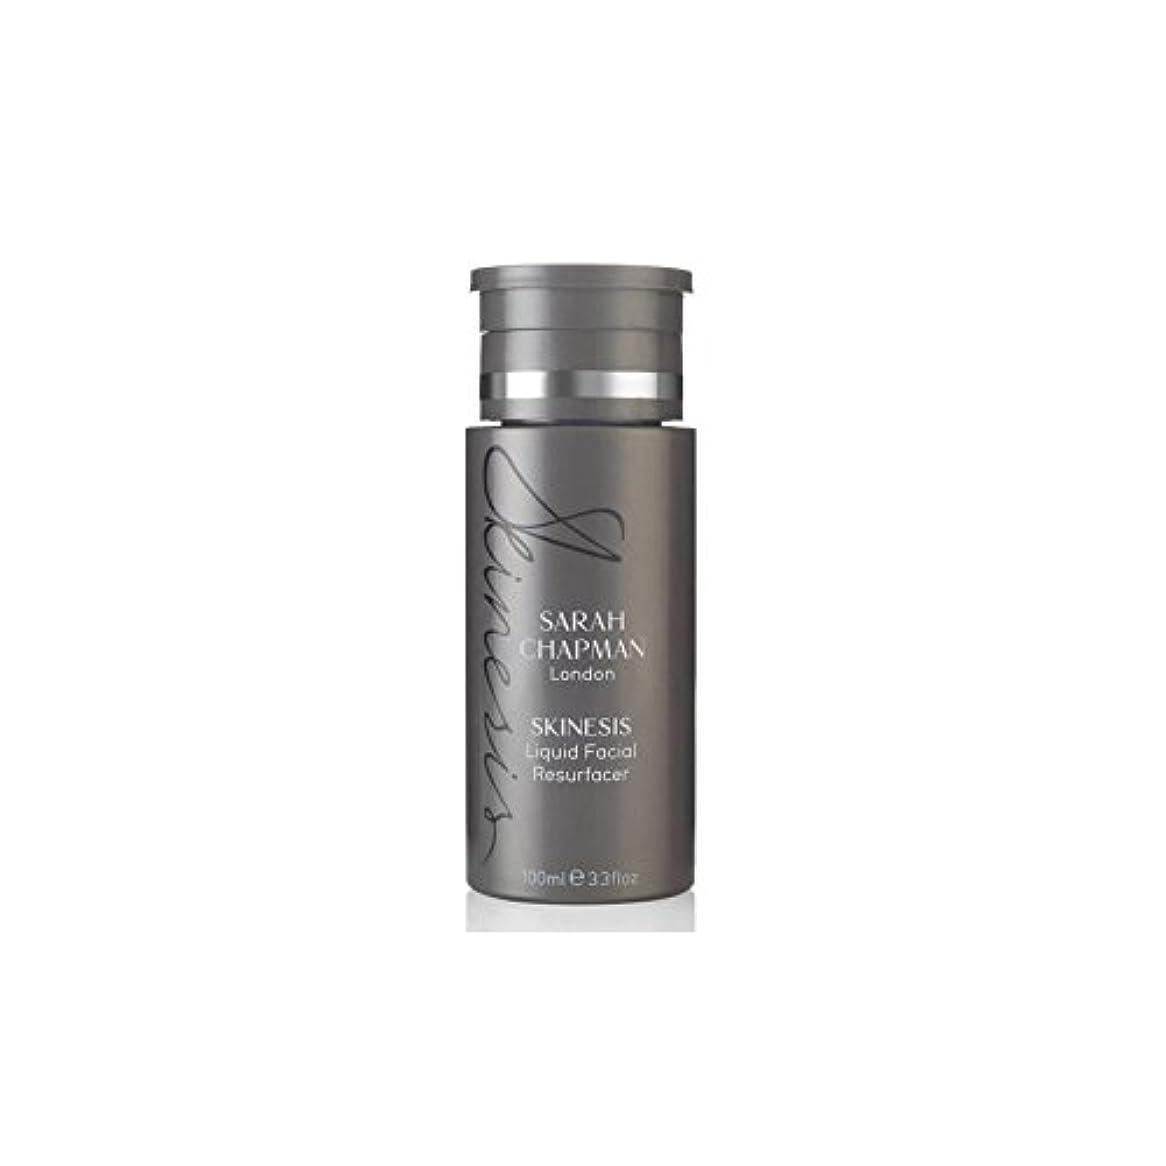 ルネッサンス感謝するルビーSarah Chapman Skinesis Liquid Facial Resurfacer (100ml) (Pack of 6) - サラチャップマン液体顔(100)に x6 [並行輸入品]